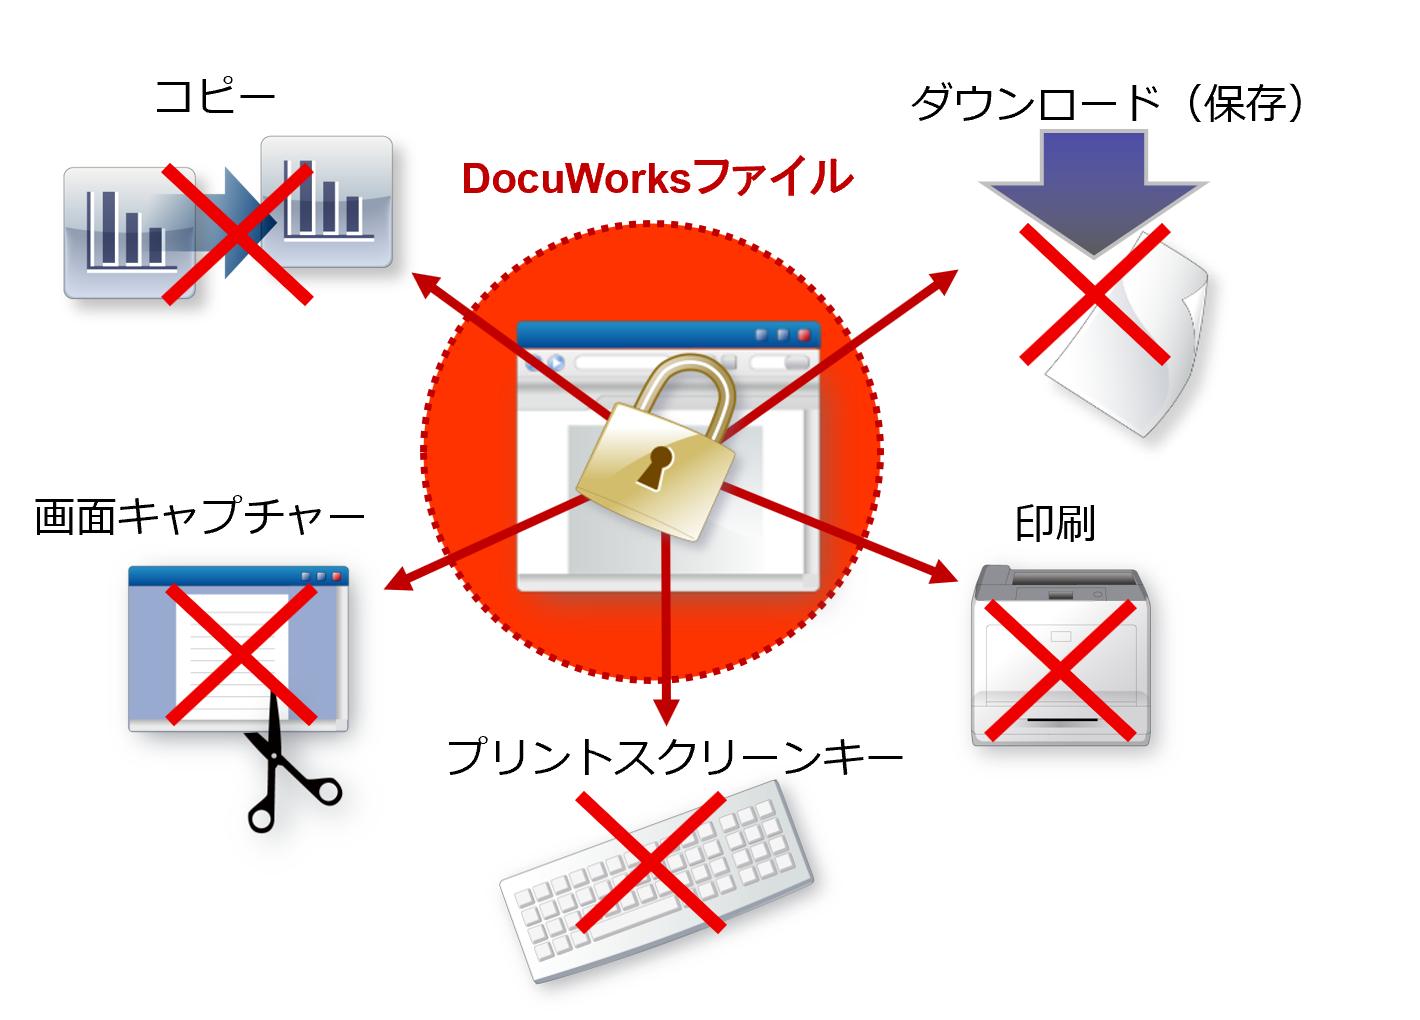 ブラウザーに表示されたDocuWorksファイルのダウンロードやコピーを防止